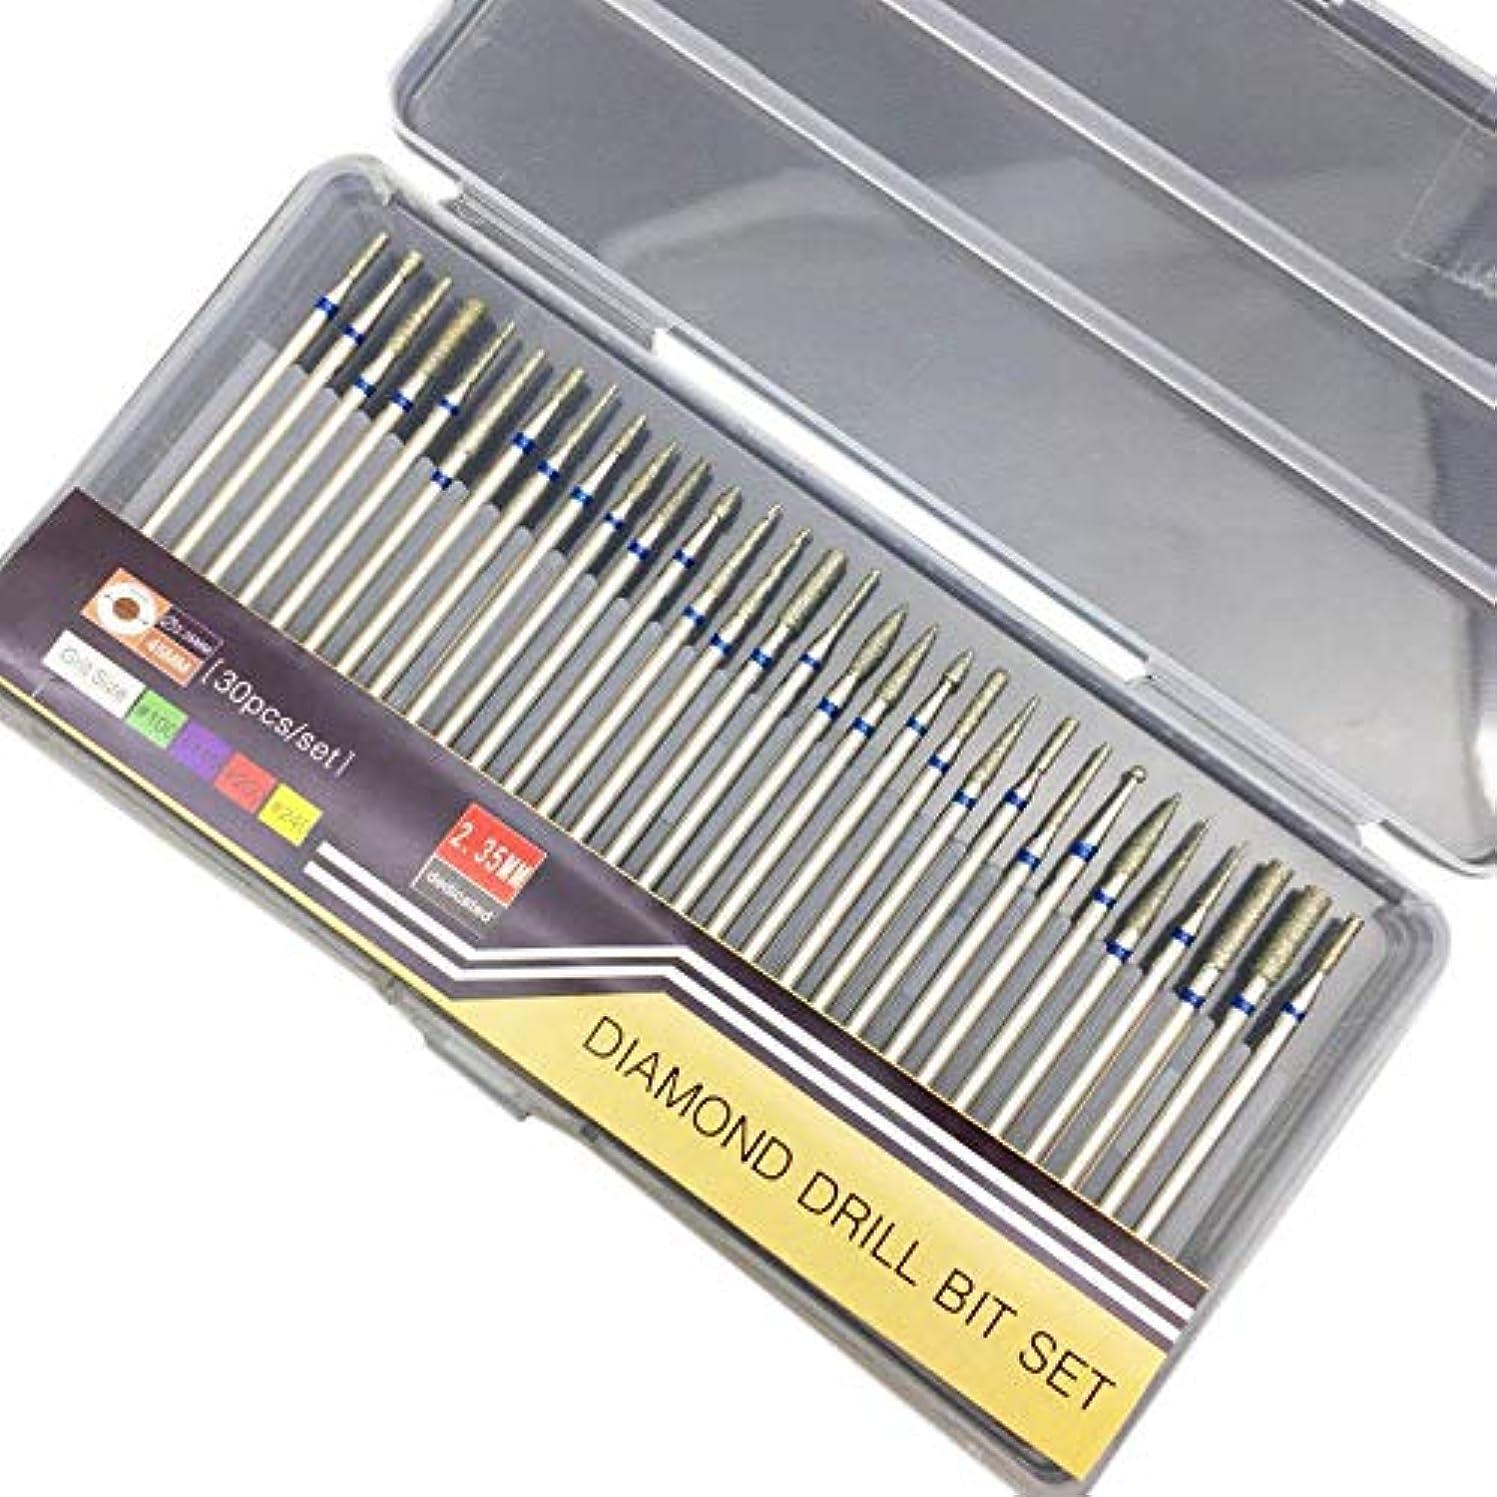 原始的な侵入する論争の的ACAMPTAR 30個 電動マニキュア機用アクセサリーセクションダイヤモンドネイルドリルビットセットフライスカッターロータリーバリカッタークリーンファイルC